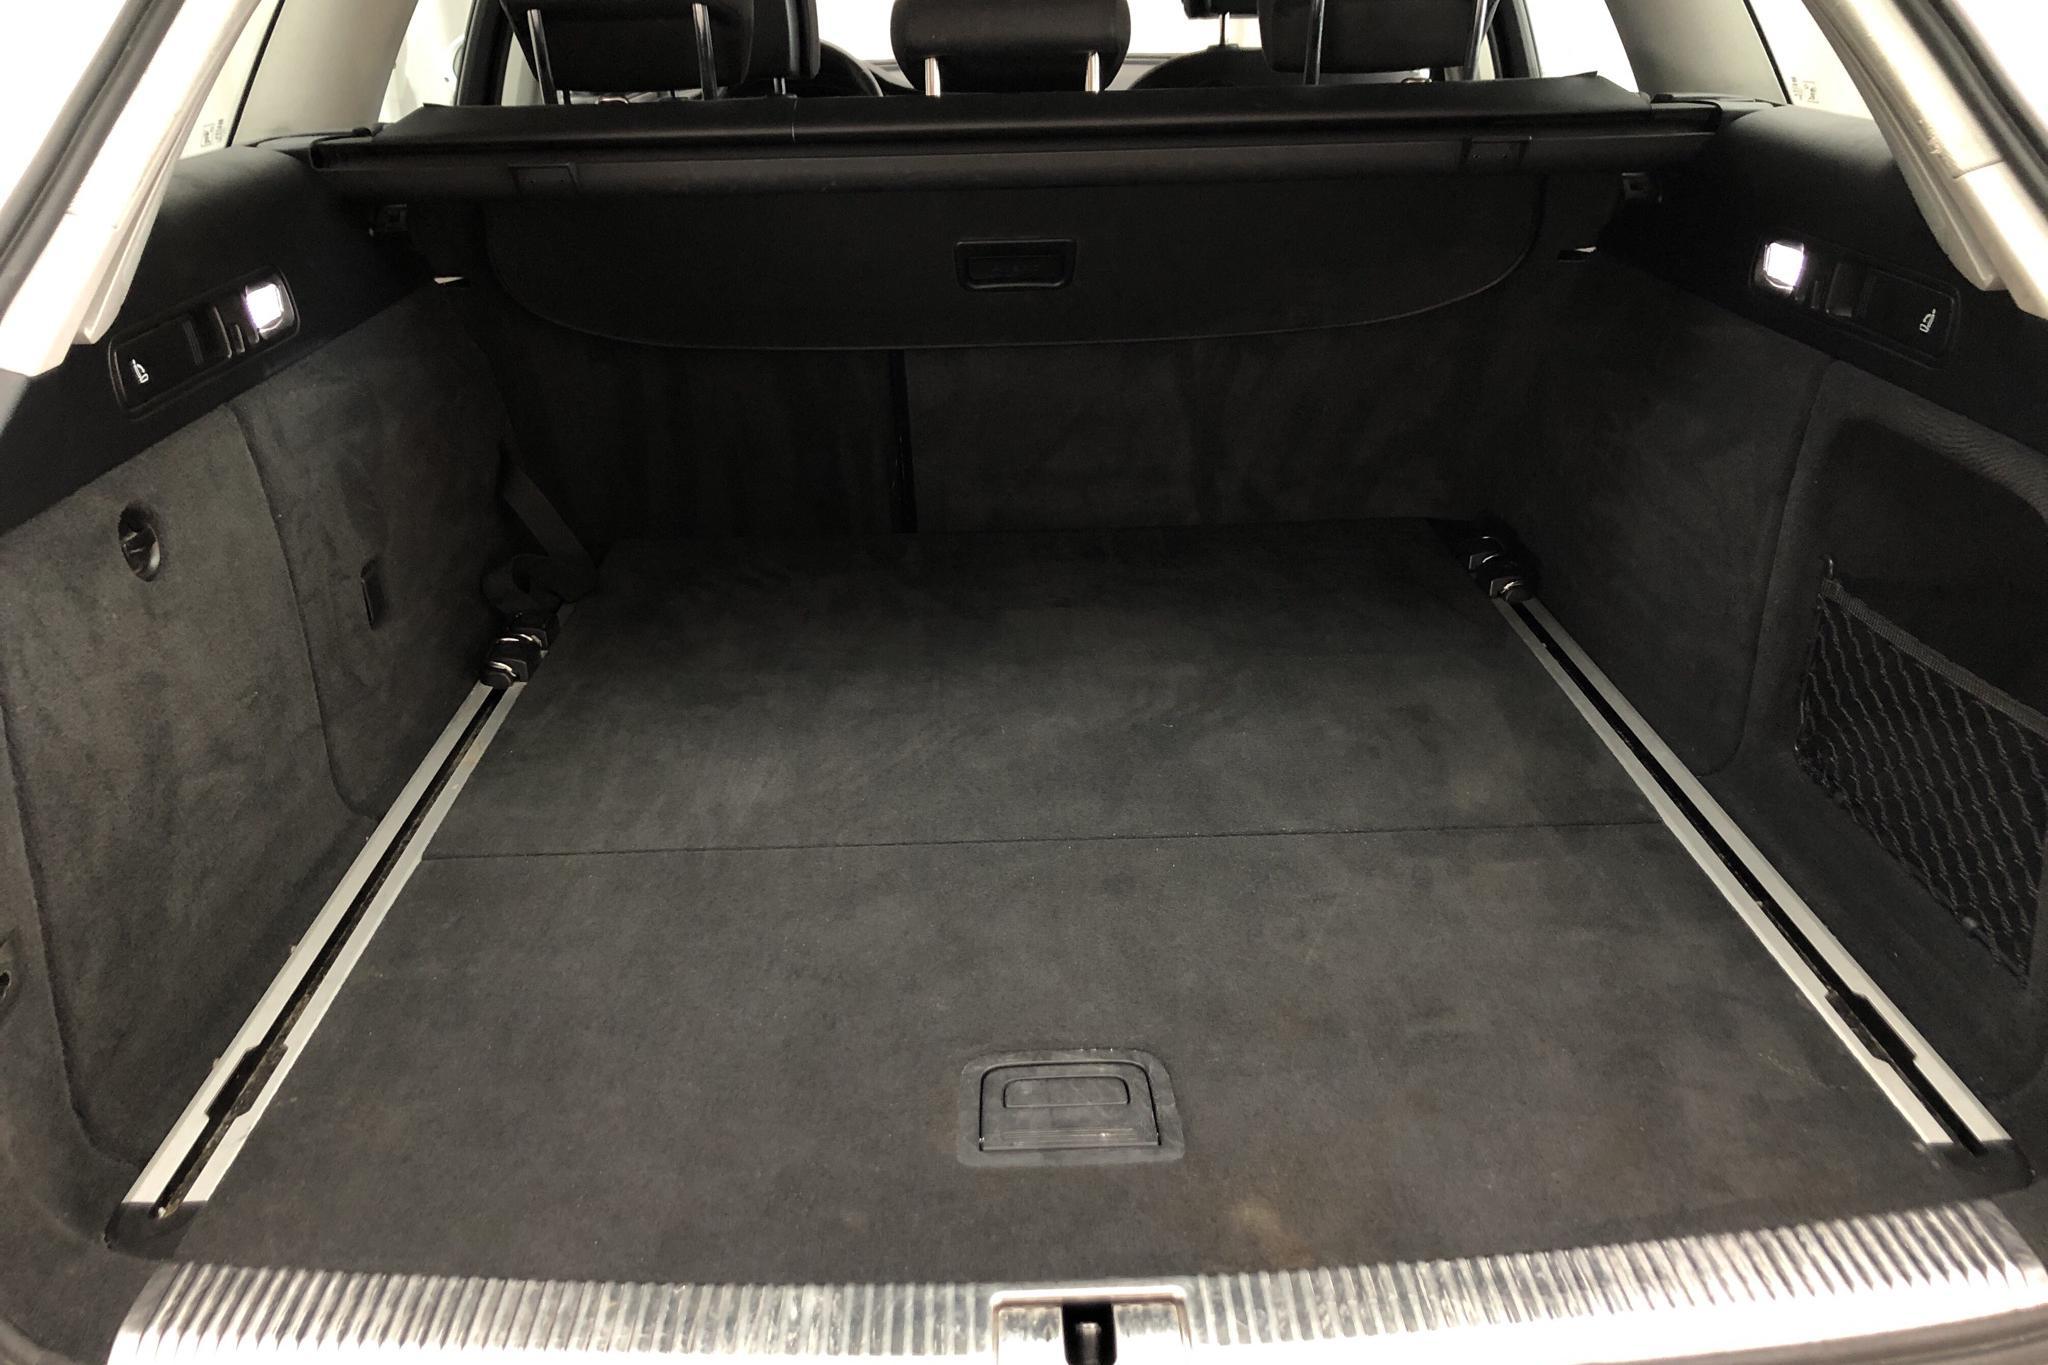 Audi A6 2.0 TDI Avant (190hk) - 8 594 mil - Automat - vit - 2018